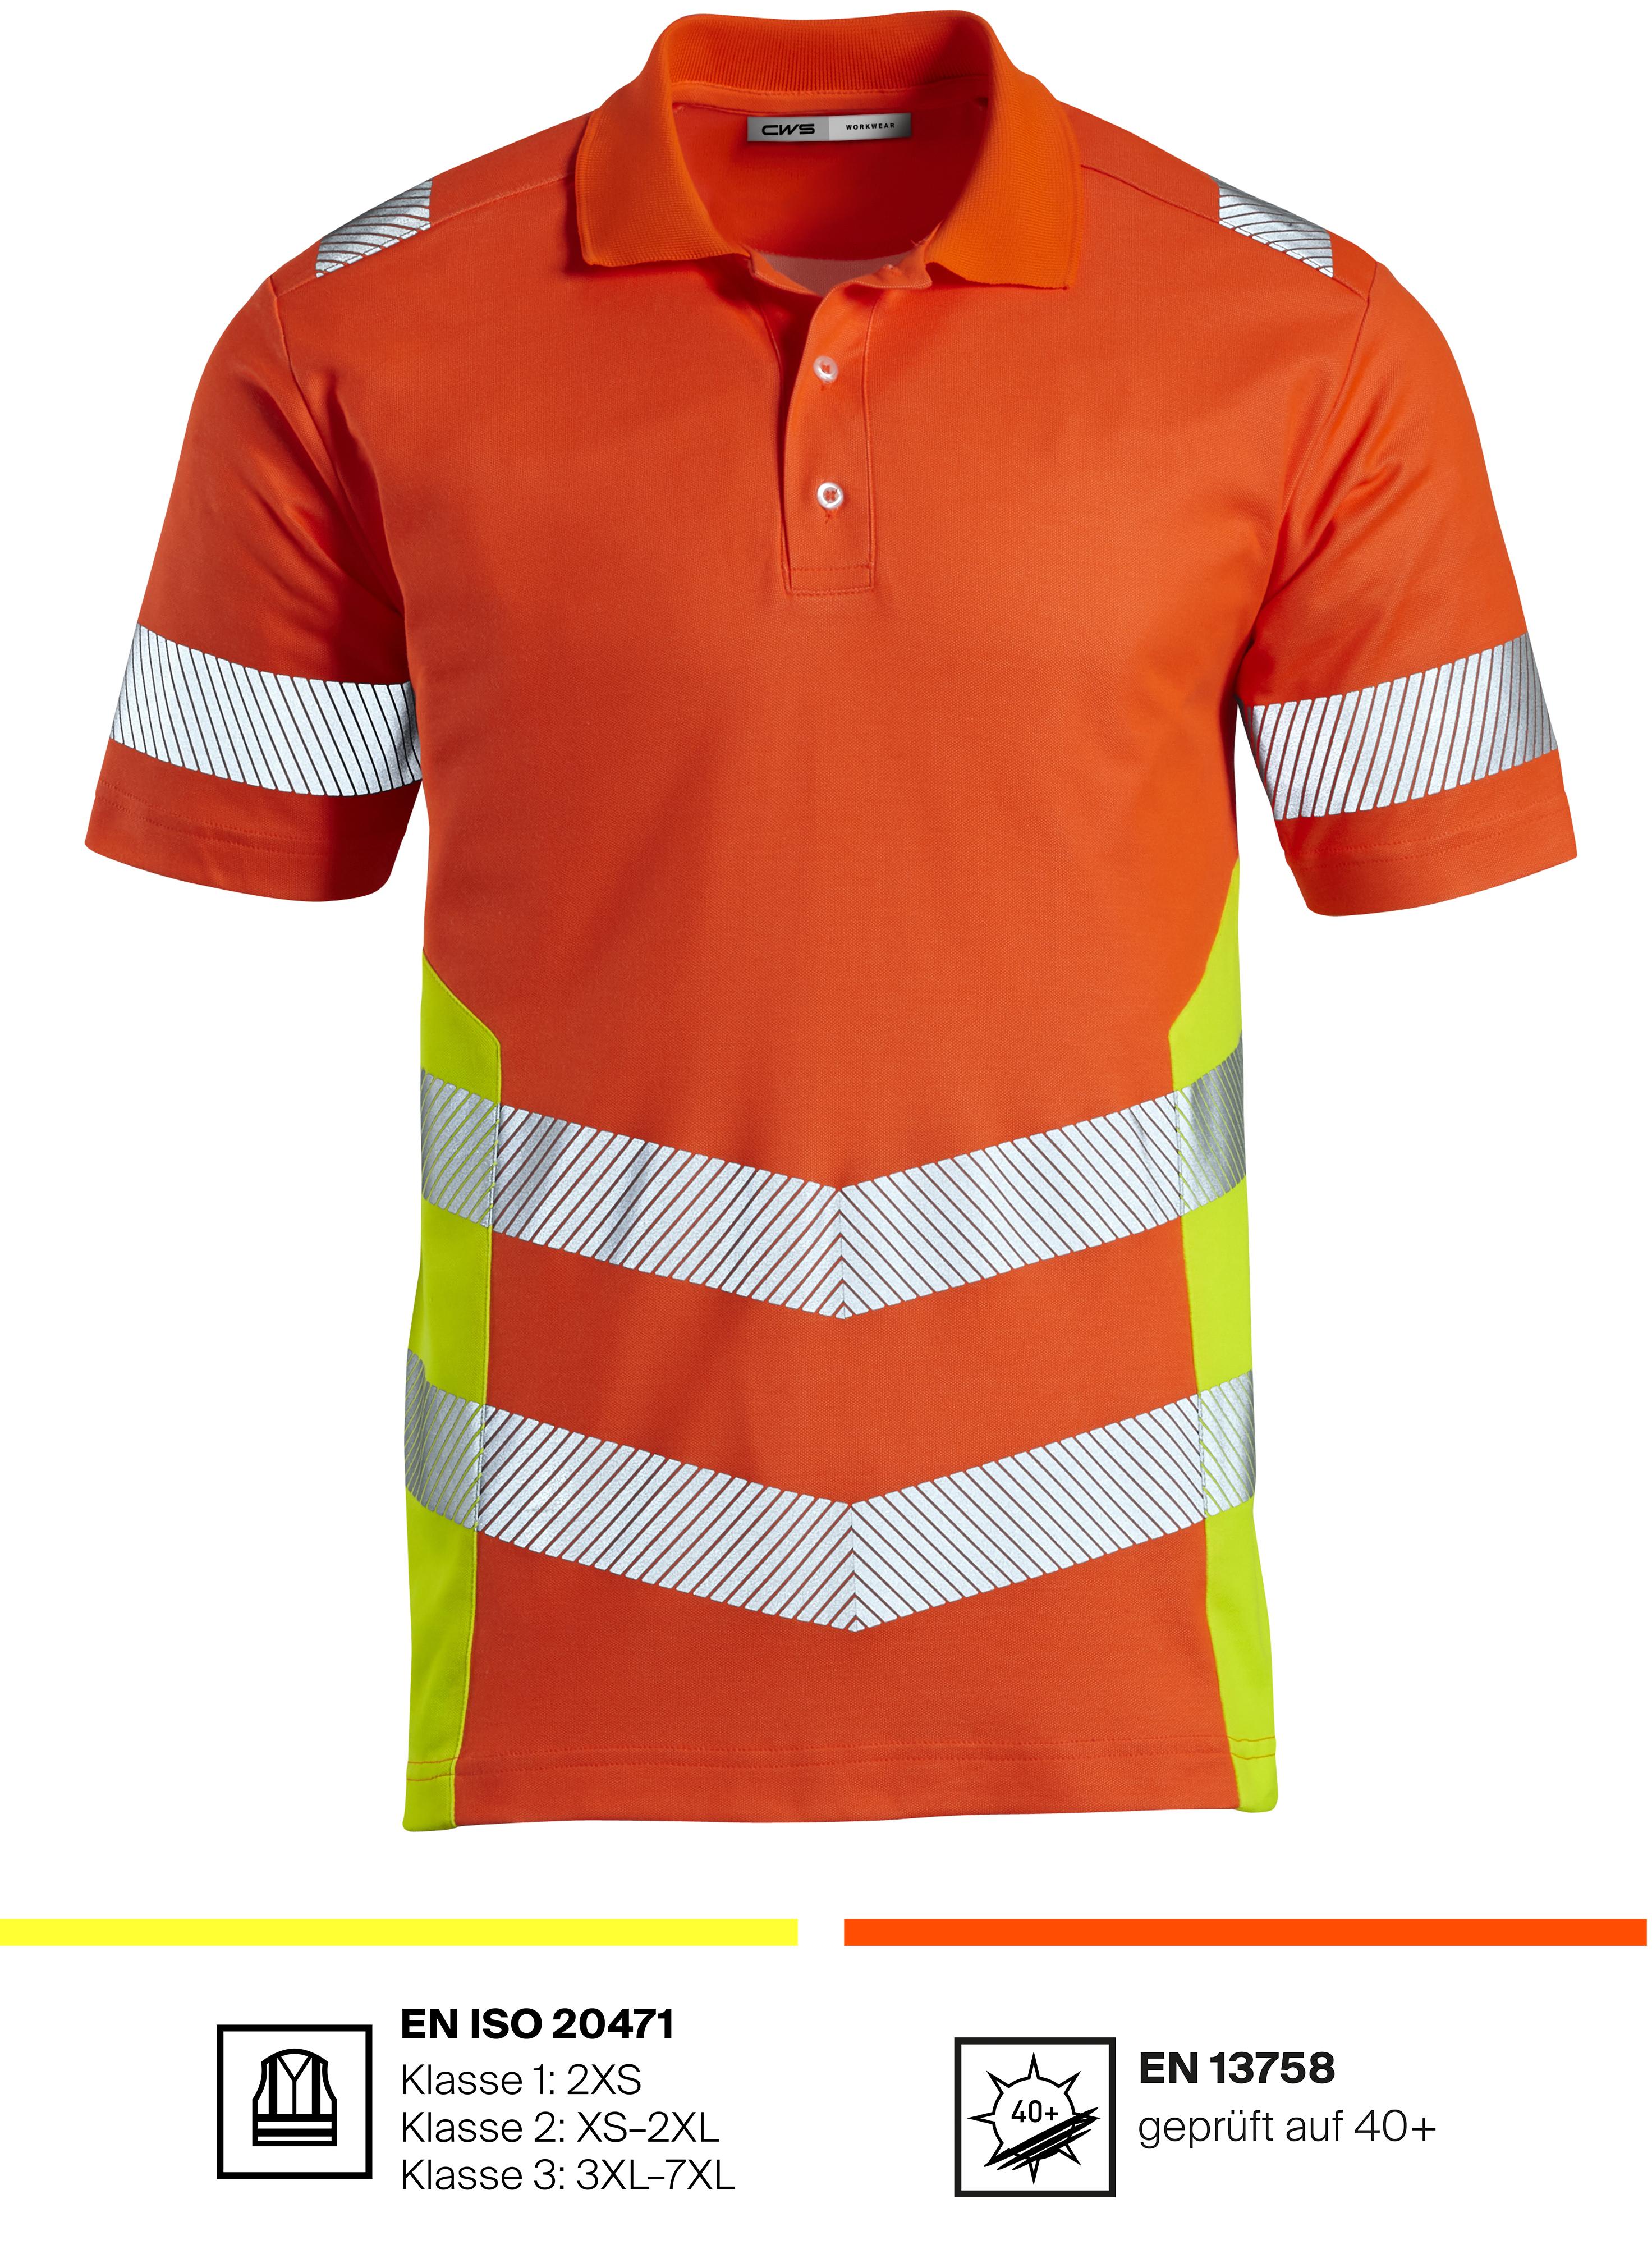 CWS Core HighVis Poloshirt